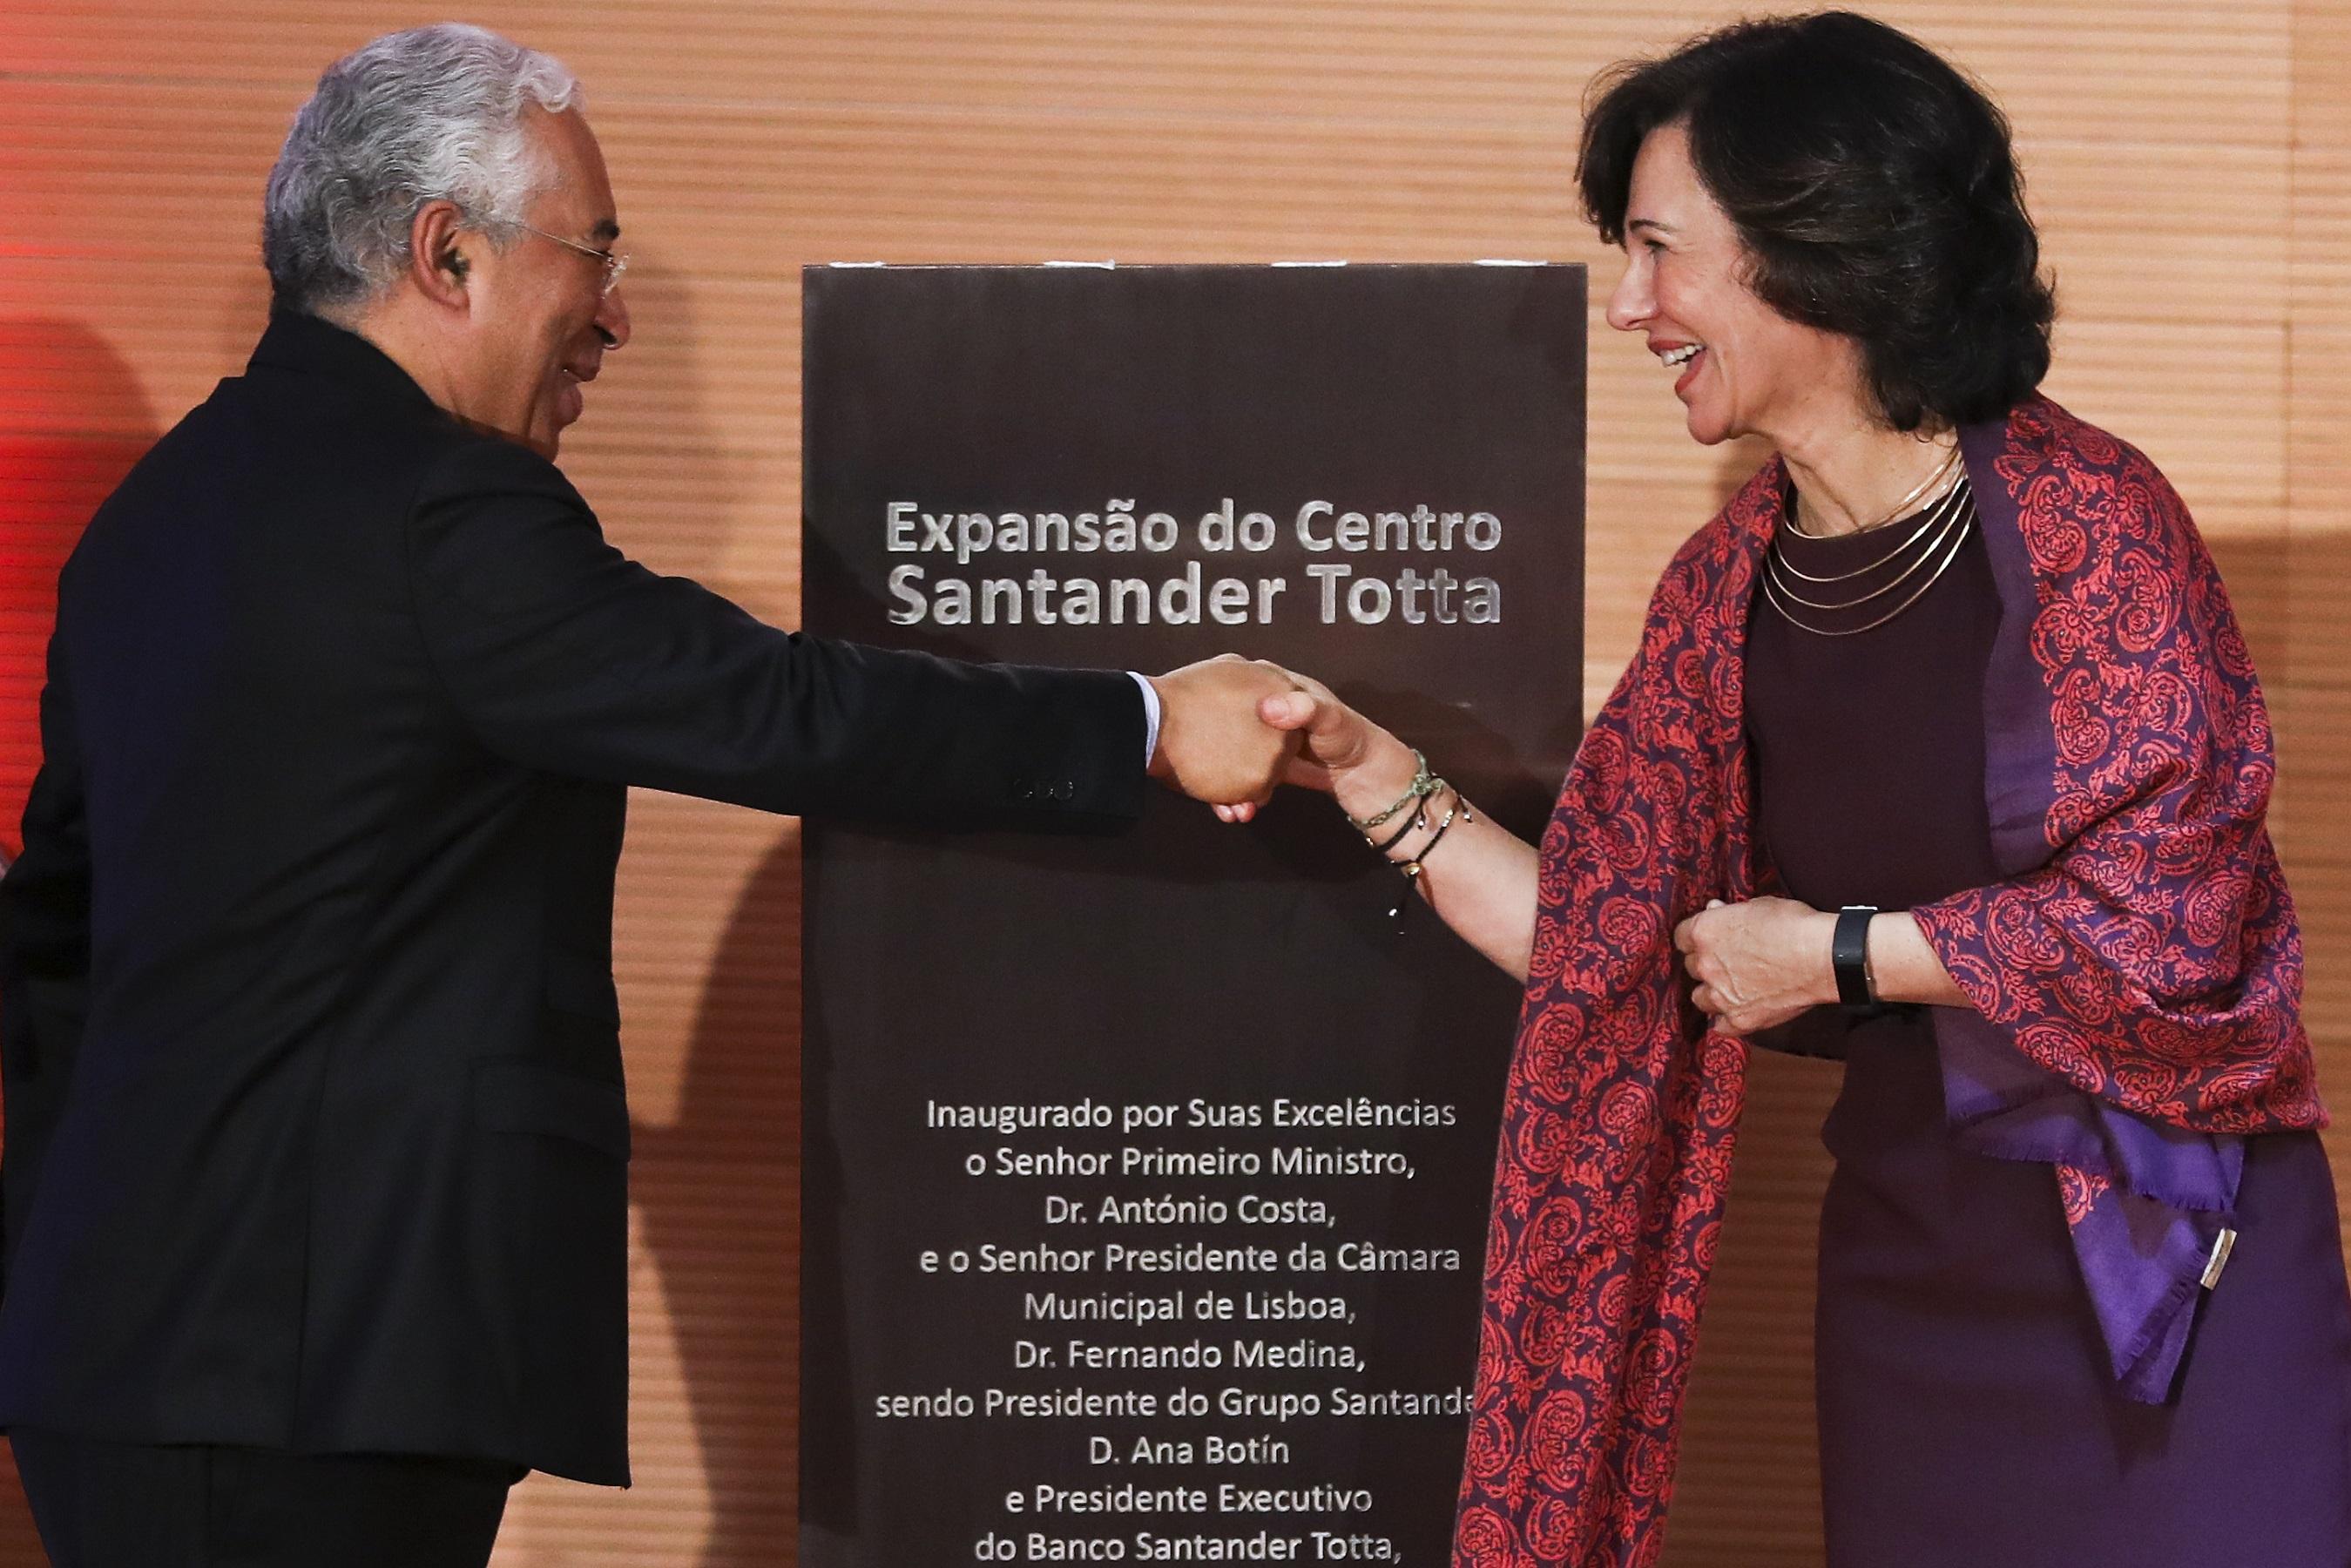 O primeiro-ministro, António Costa (E), acompanhado pela presidente do grupo Santander 5ðB@ÈfŠ—D\d(lHHÿØÿÛC $.'